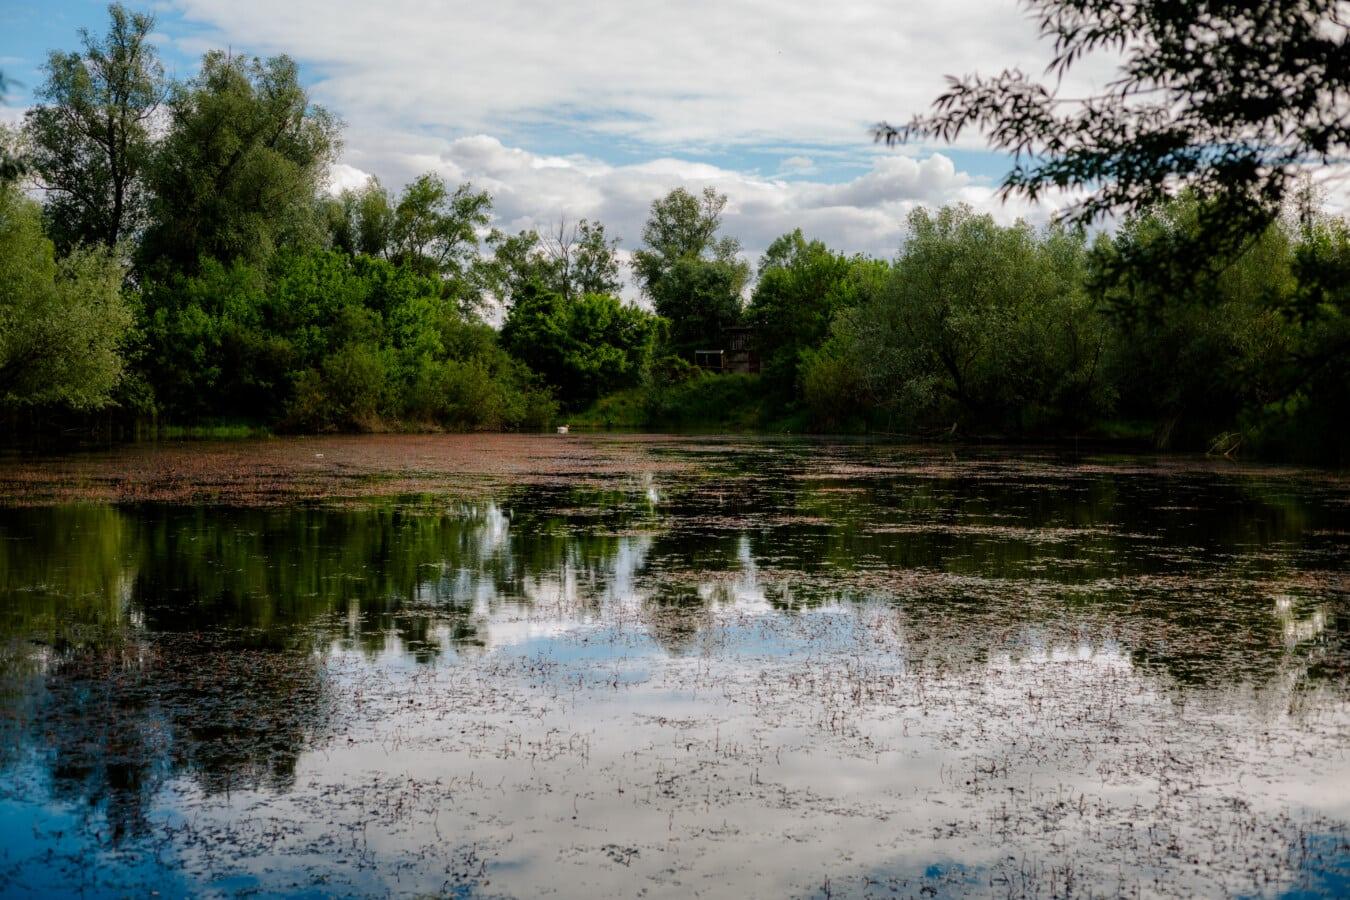 Sumpfgebiet, Sumpf, Atmosphäre, Ruhe, Wasser, Landschaft, See, Struktur, am See, Ufer